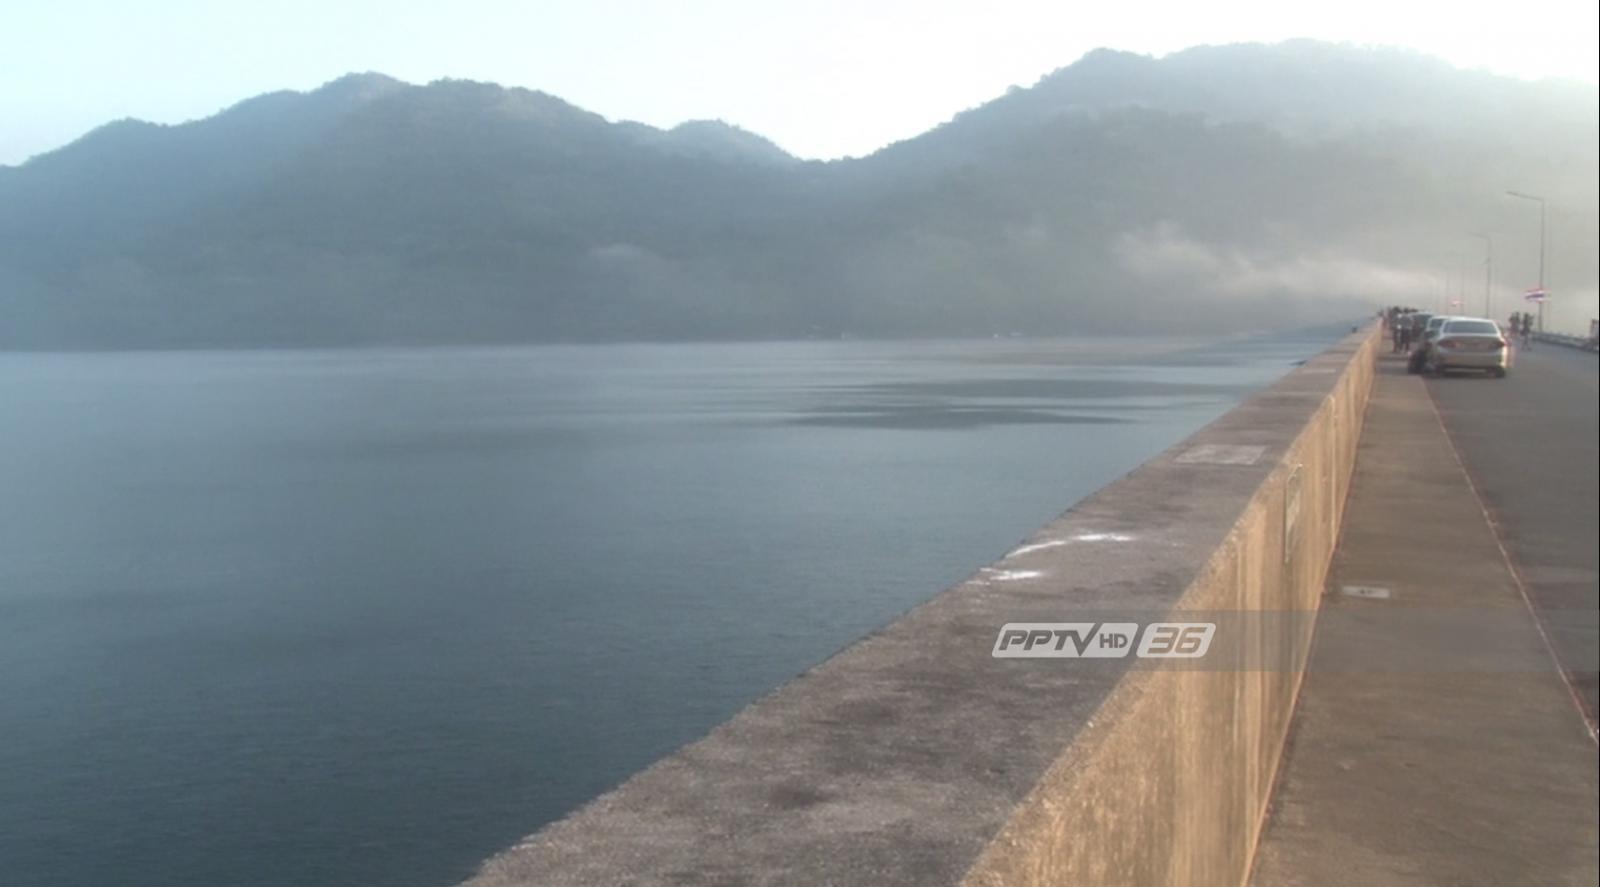 กฟผ. แจงสถานการณ์น้ำในเขื่อนภาคอีสาน-ตะวันตก มีน้ำสูงกว่าเกณฑ์ควบคุม